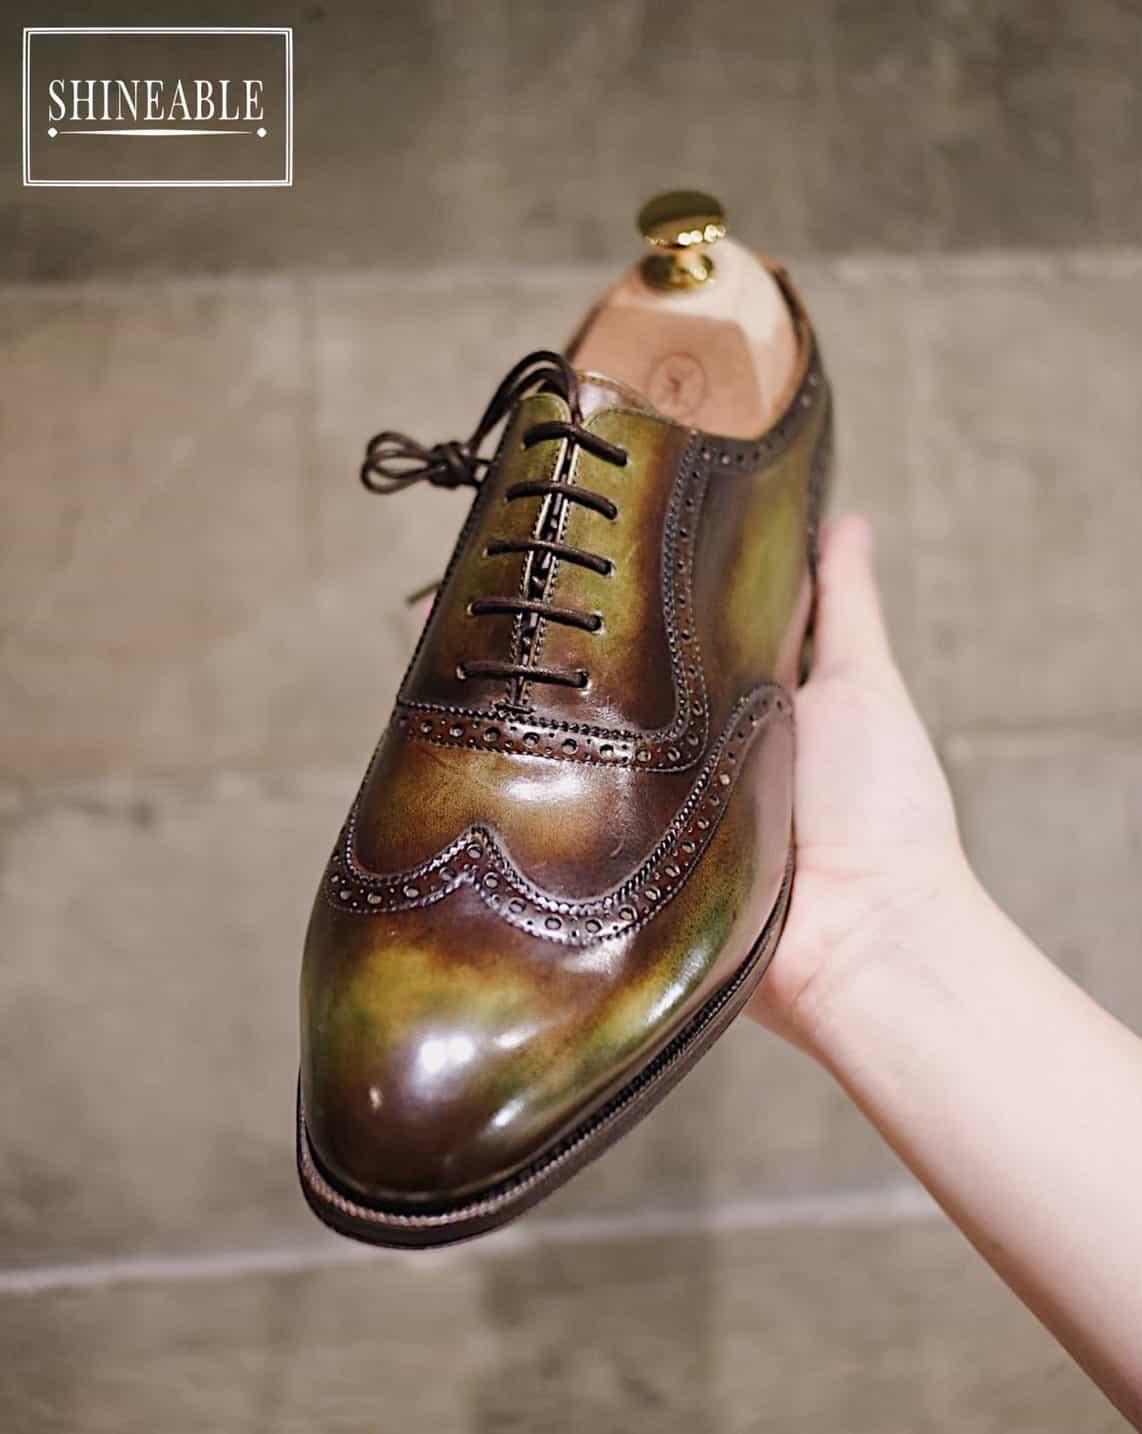 World Shoemaker Championships การแข่งขันทำรองเท้าระดับโลก เค้าแข่งกันอย่างไร ?